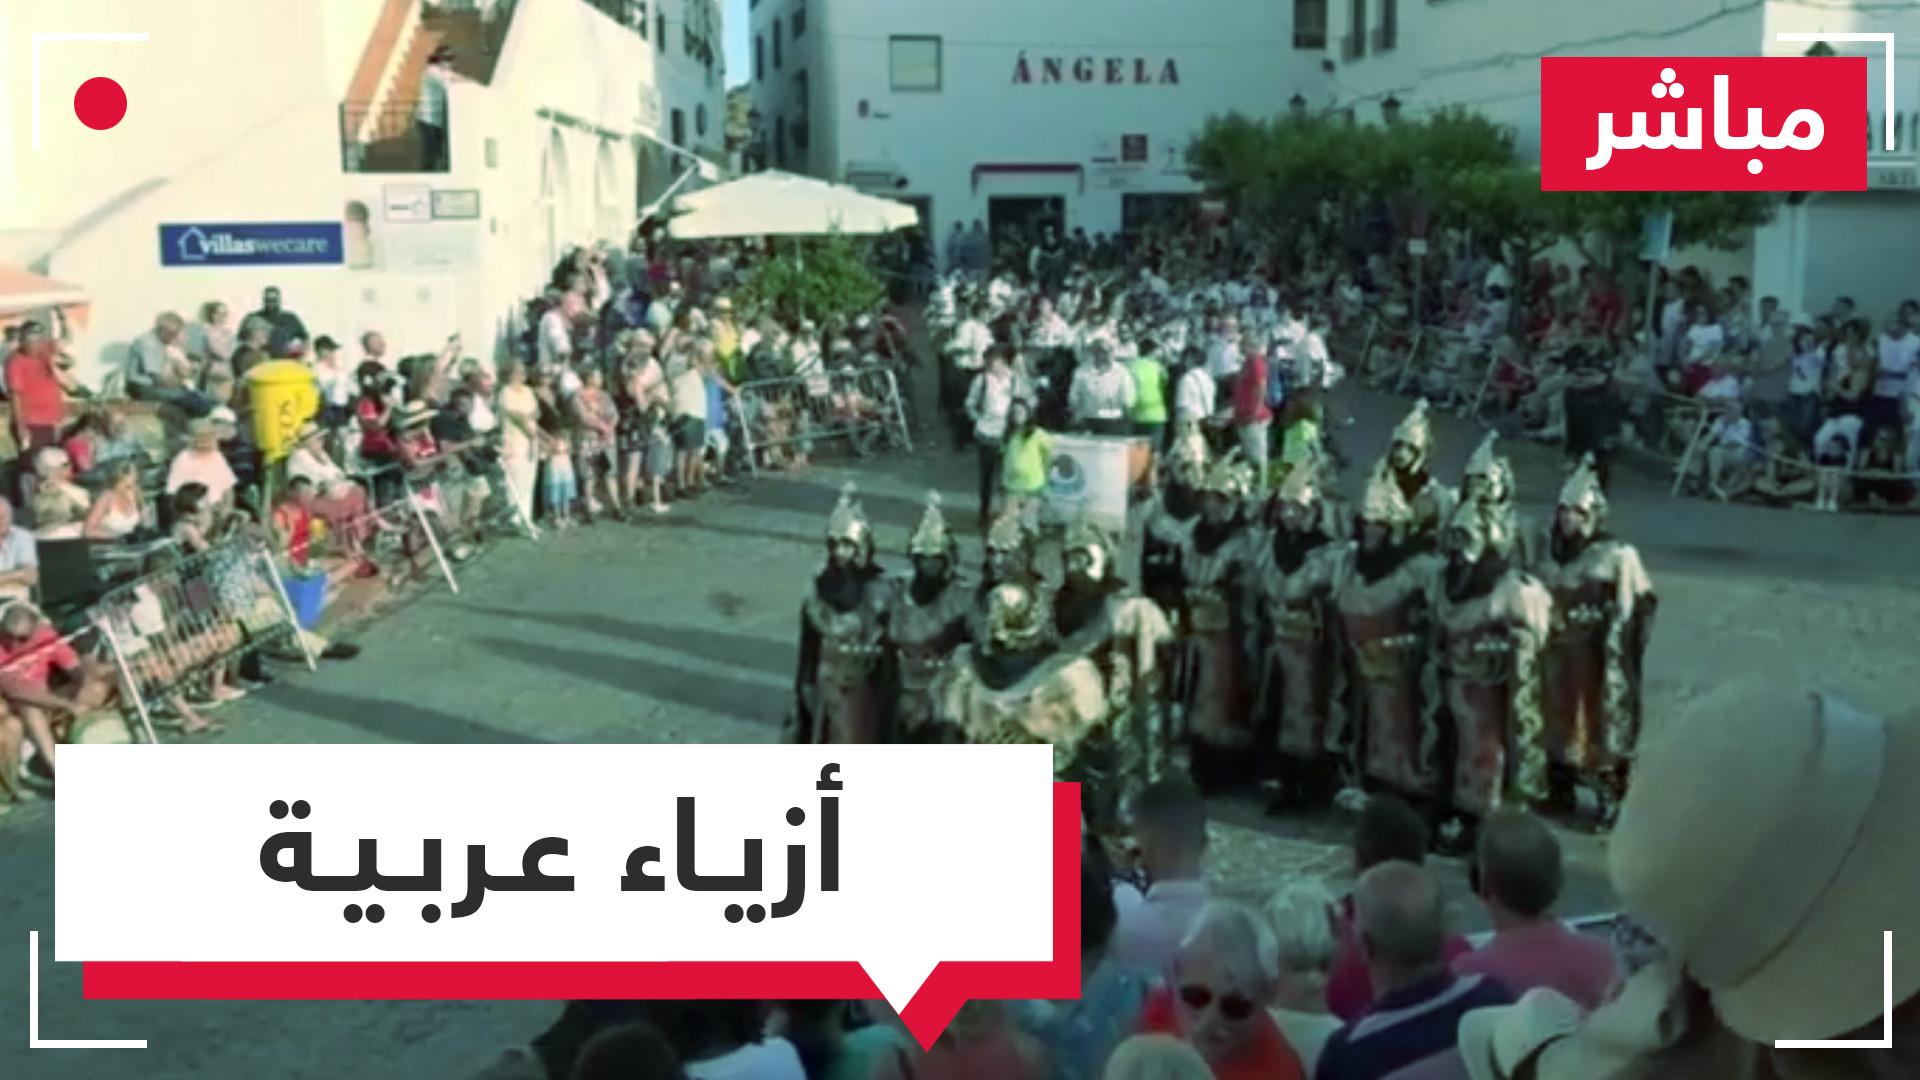 أزياء العرب التاريخية في احتفال ضخم  بمدينة موجاكار الإسبانية